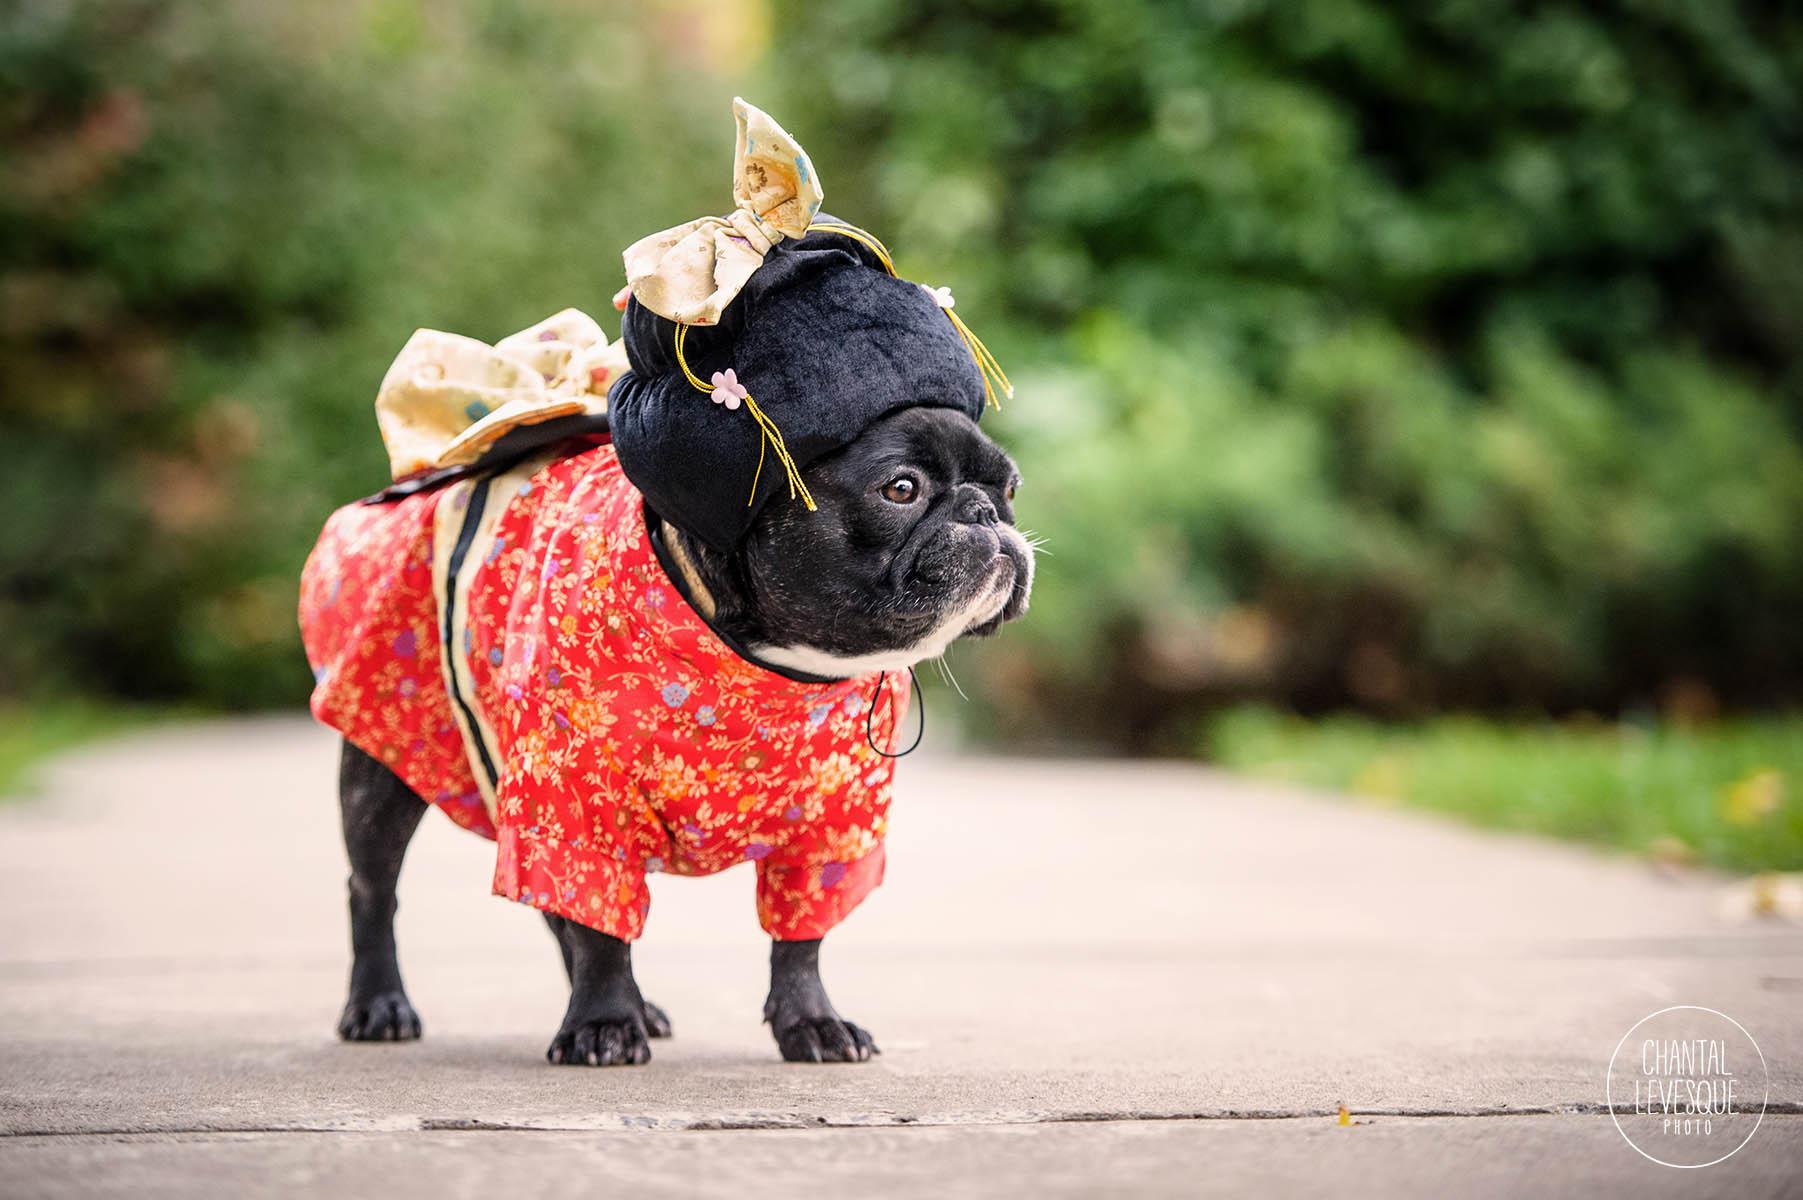 frenchie-halloween-costume-geisha.jpg